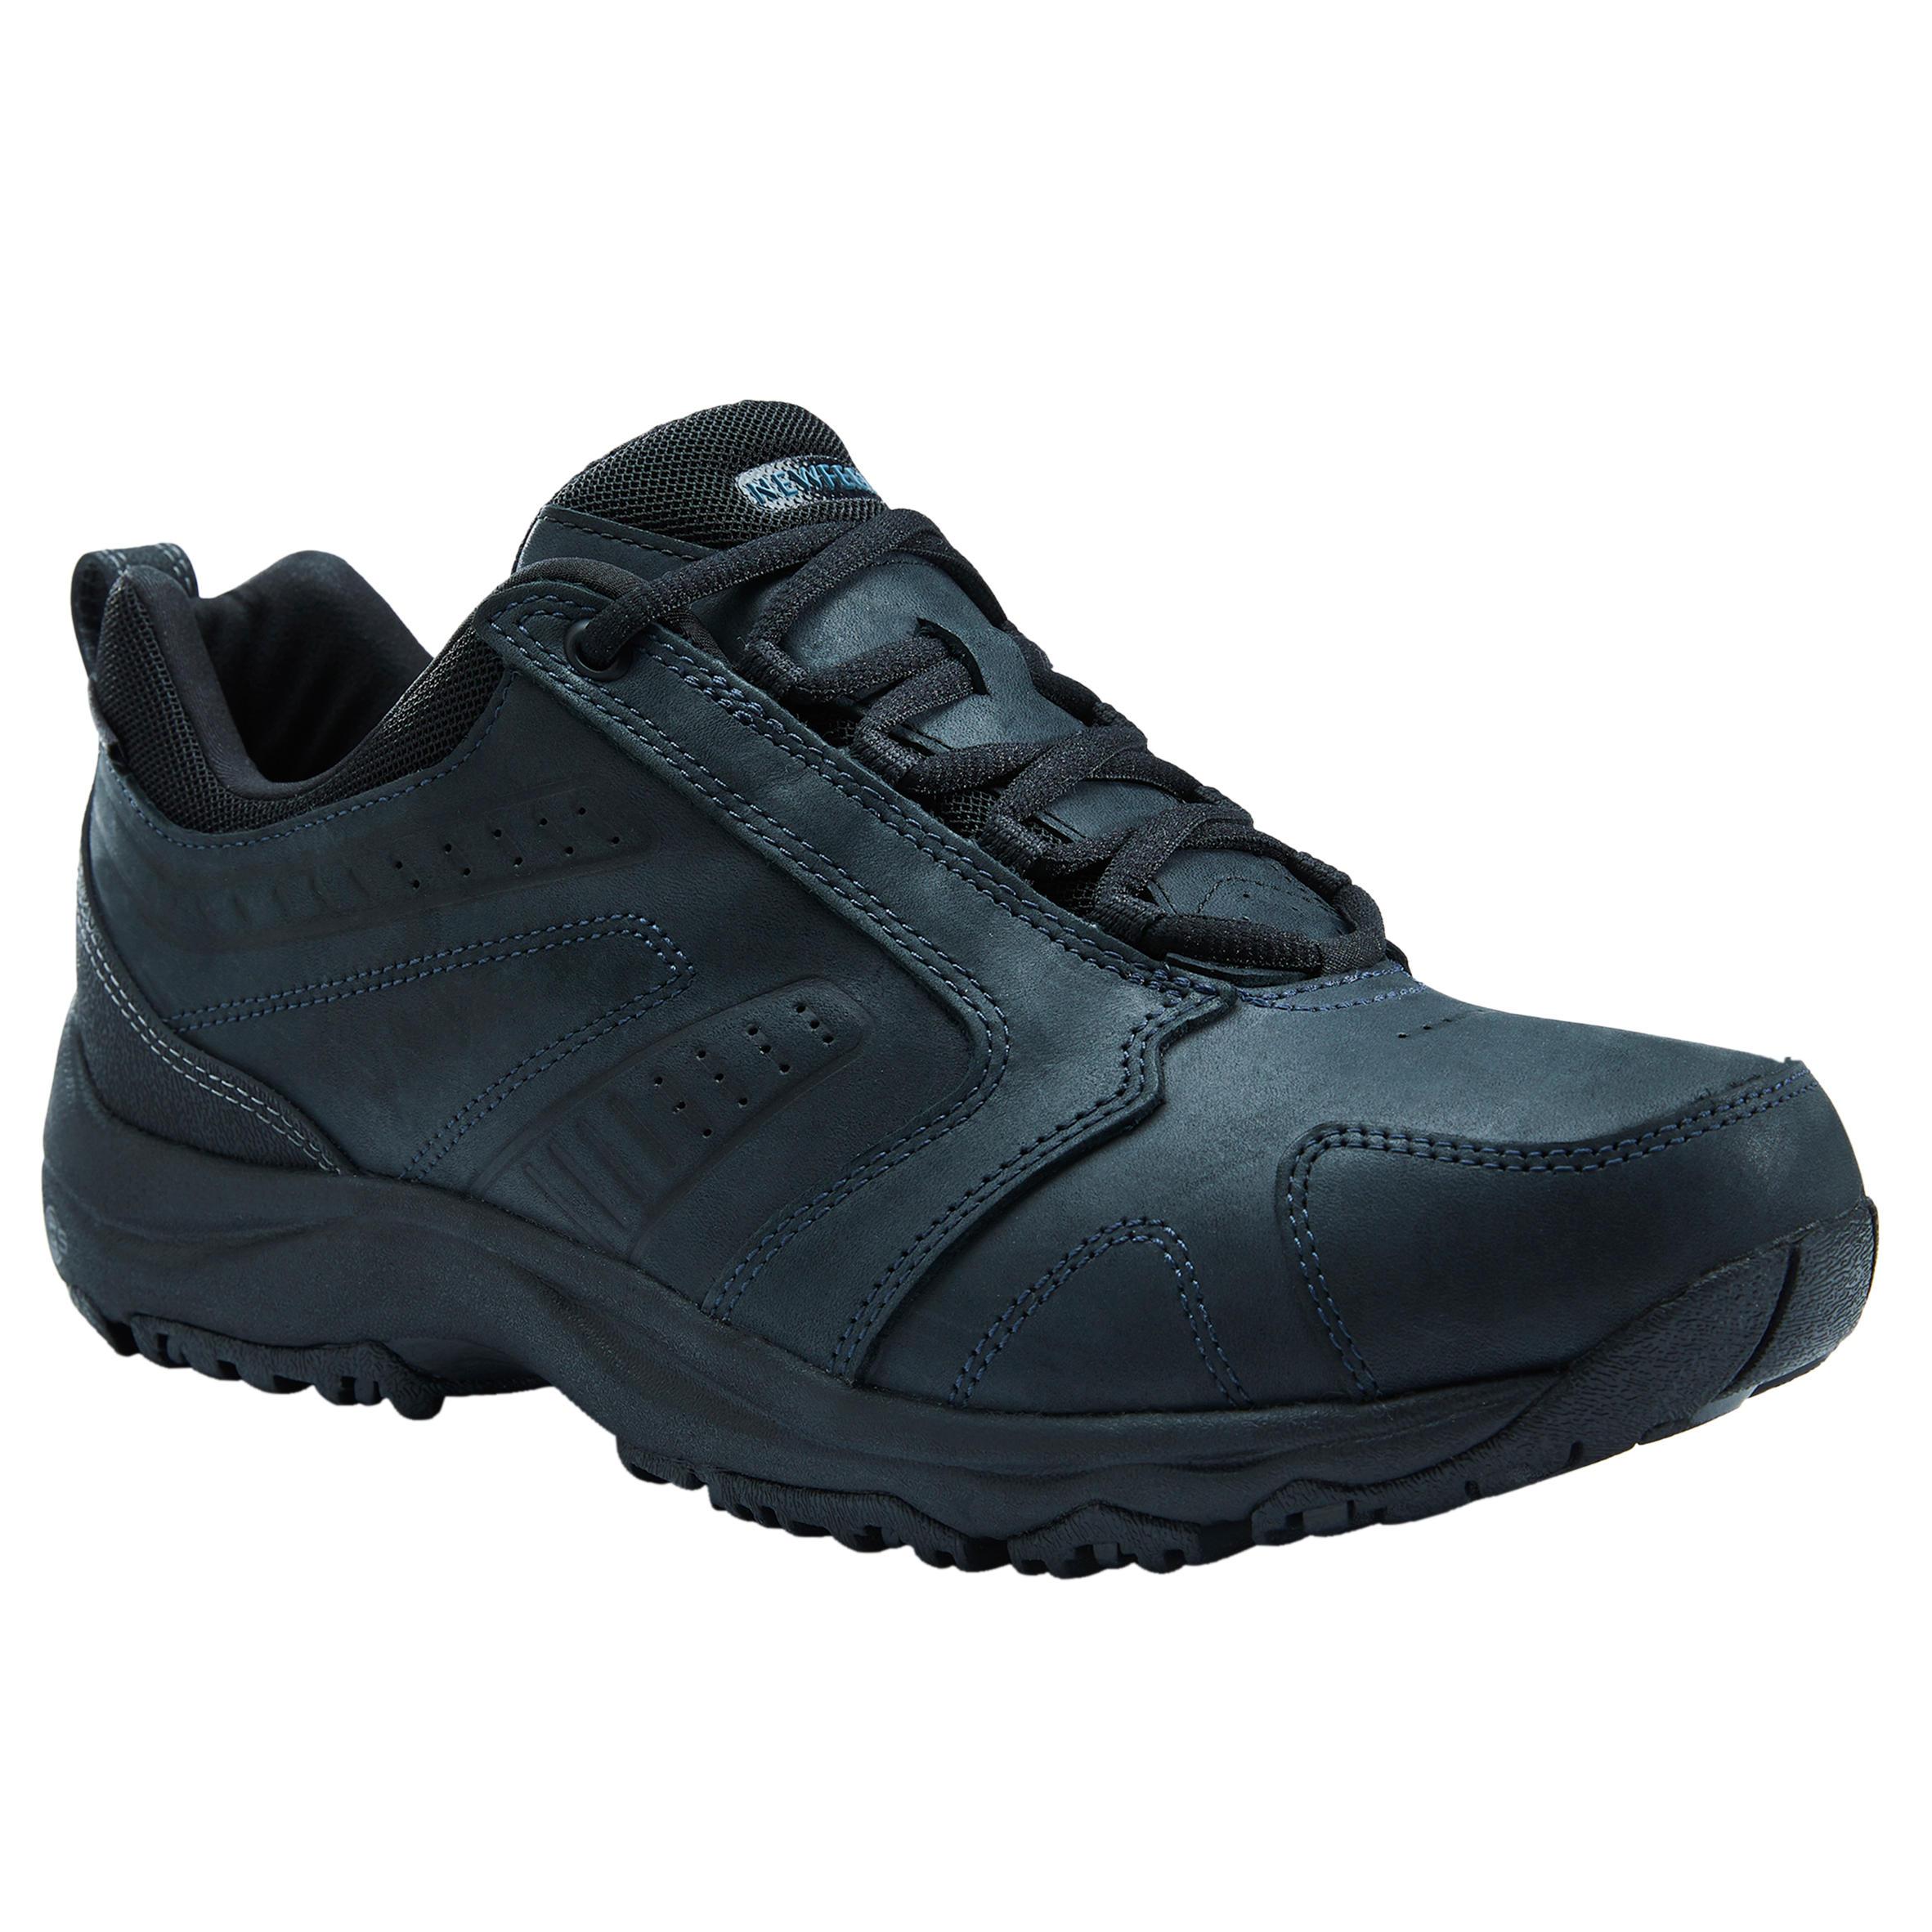 NEWFEEL Chaussures marche sportive homme Nakuru Waterproof imperméable cuir noir - NEWFEEL - 45